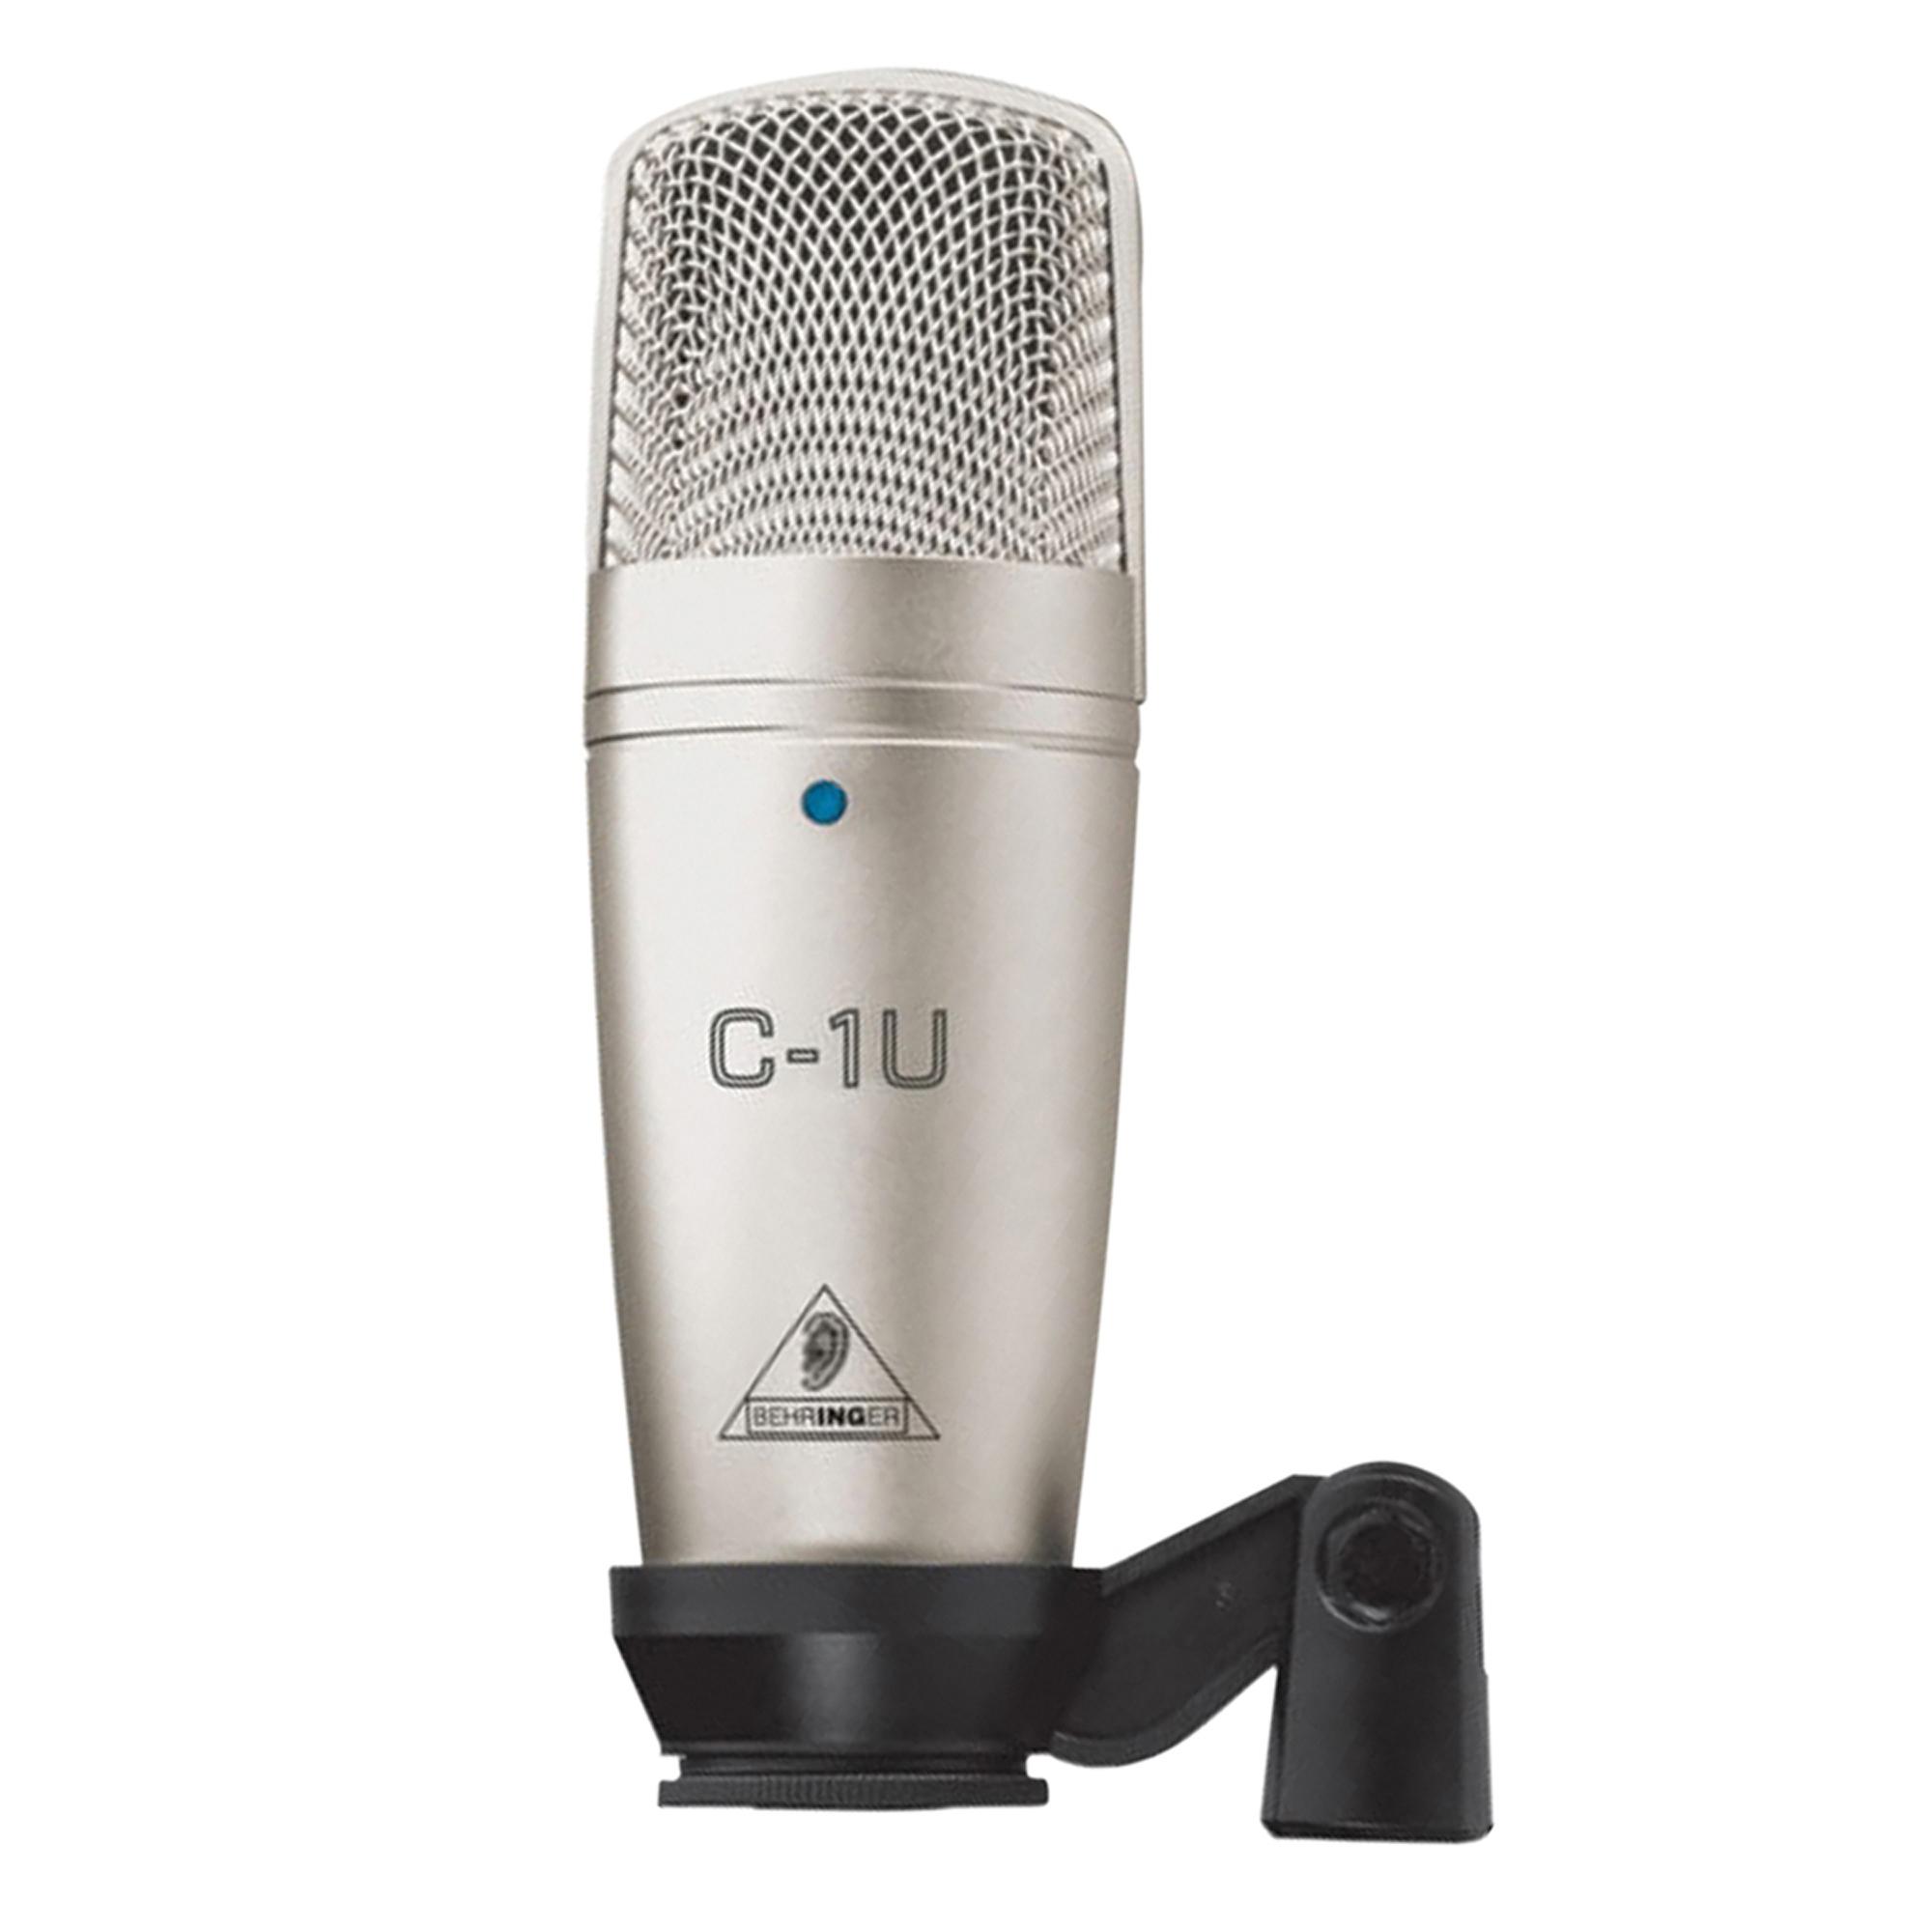 behringer c 1u usb studio condenser microphone including software. Black Bedroom Furniture Sets. Home Design Ideas